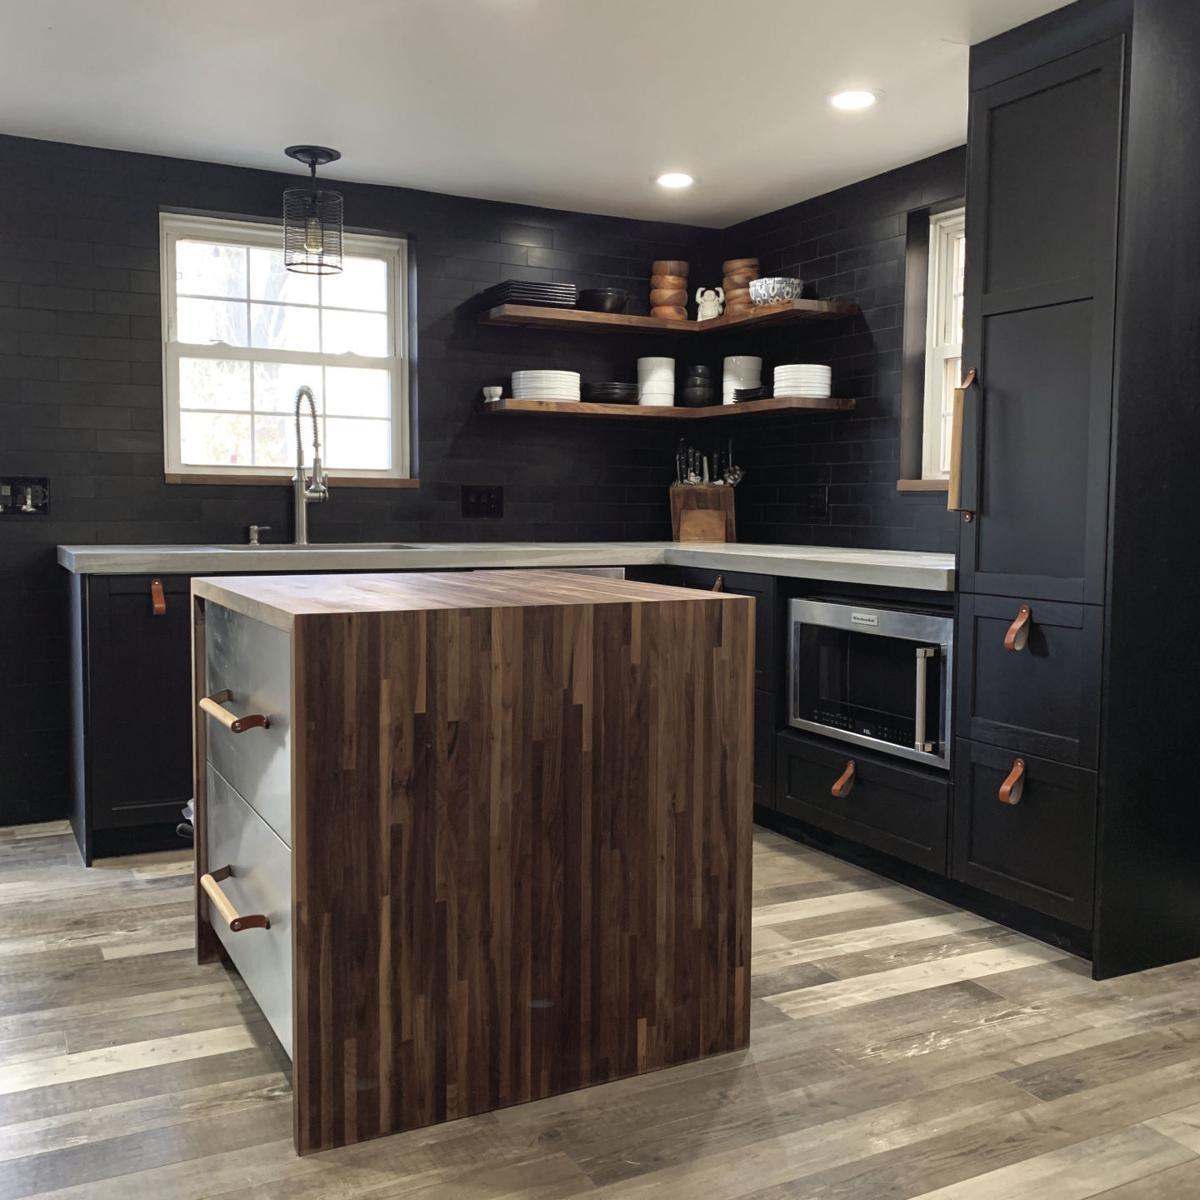 STL_J&J Designs_kitchen_C_supplied.jpg